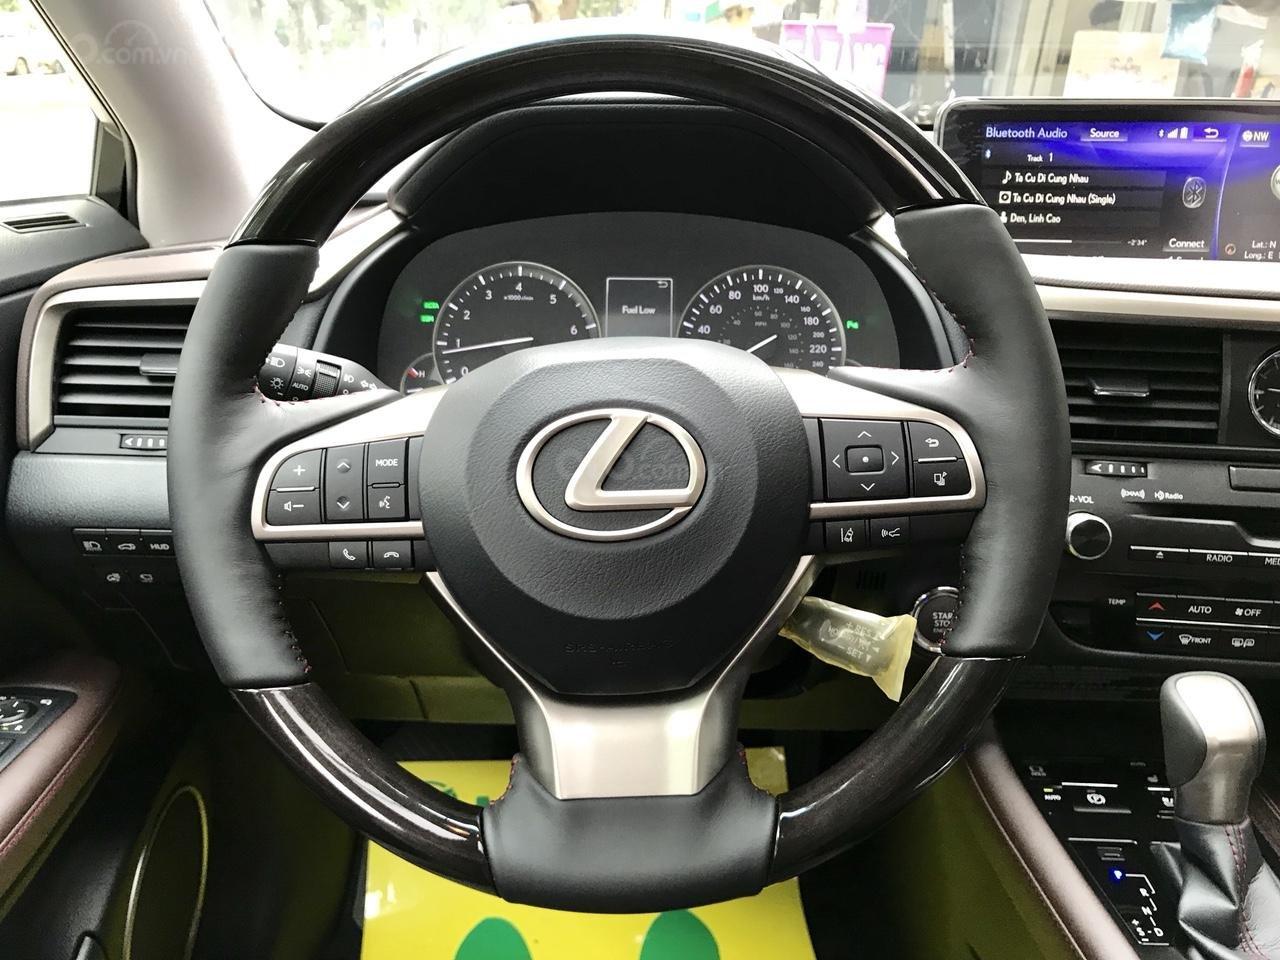 Bán Lexus RX 350L 6 chỗ đời 2019, xe nhập Mỹ, giá tốt, giao ngay, LH 094.539.2468 Ms Hương (7)